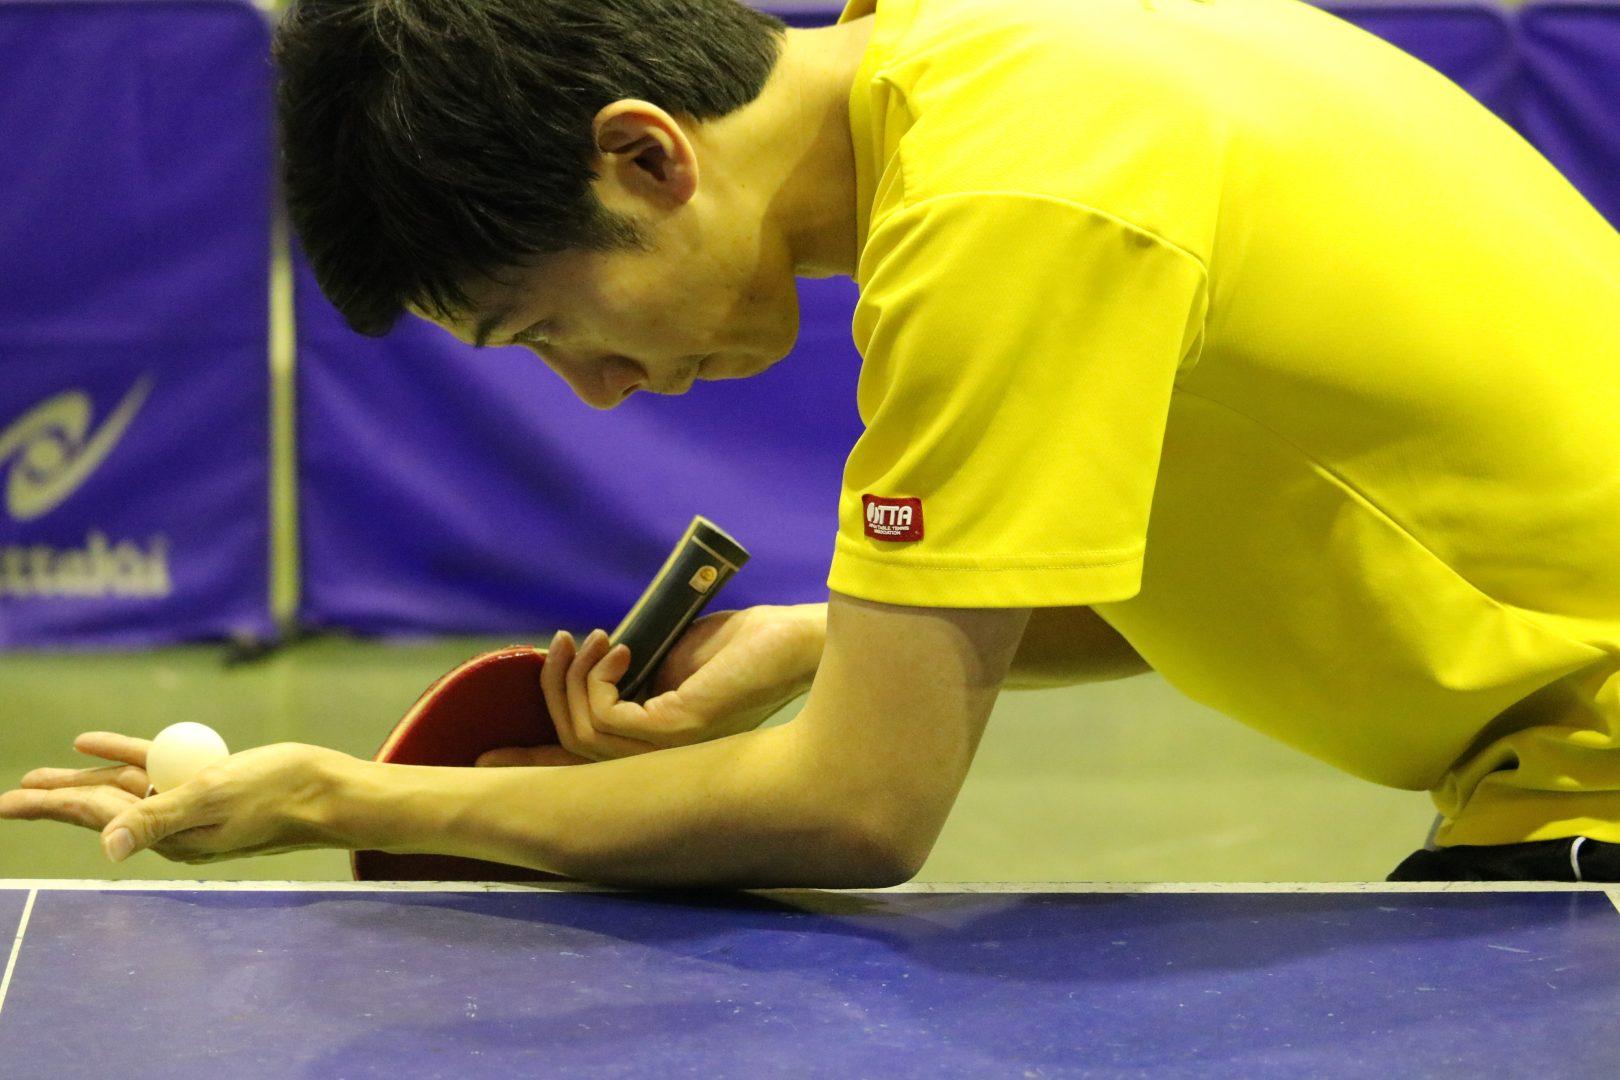 【初心者必見】1人でできる卓球のサーブ練習方法 6つのポイントとコツ(後篇)